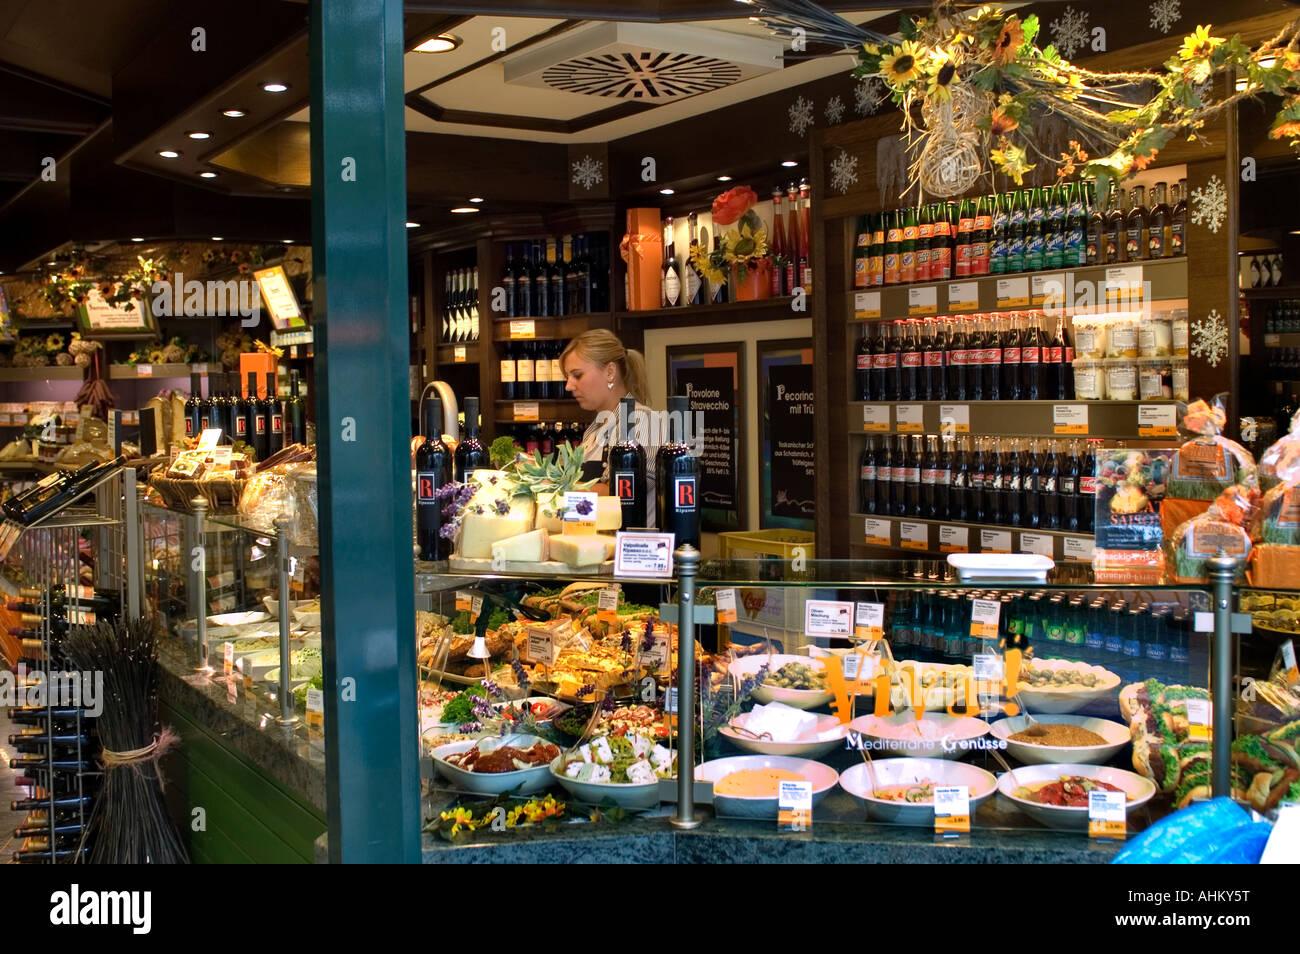 kurfurstendamm berlin domestic caterer grocer 39 s shop grocer stock photo royalty free image. Black Bedroom Furniture Sets. Home Design Ideas